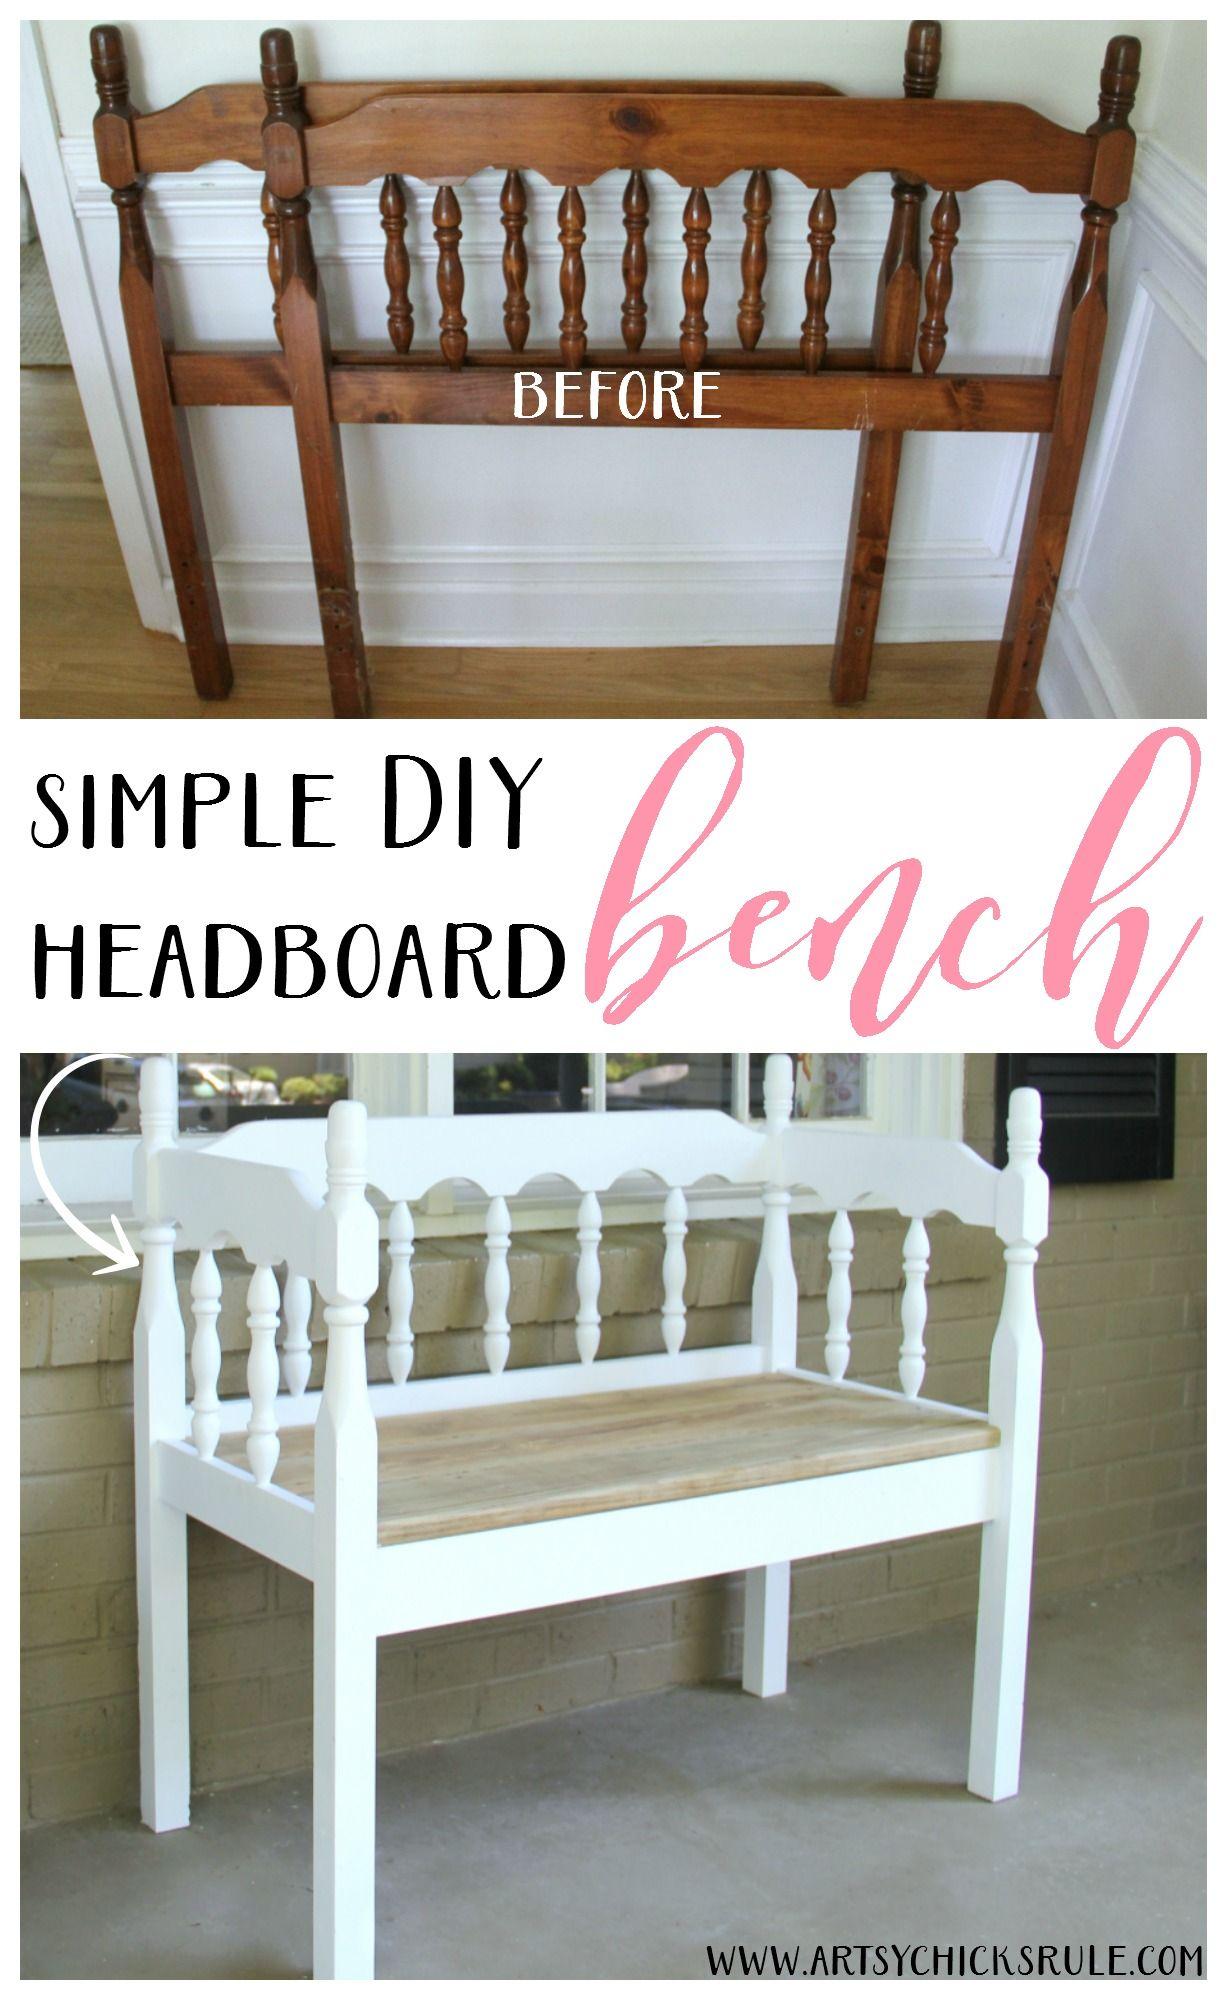 Headboard To Bench Diy Headboard Bench Headboard Benches Diy Headboards And Easy